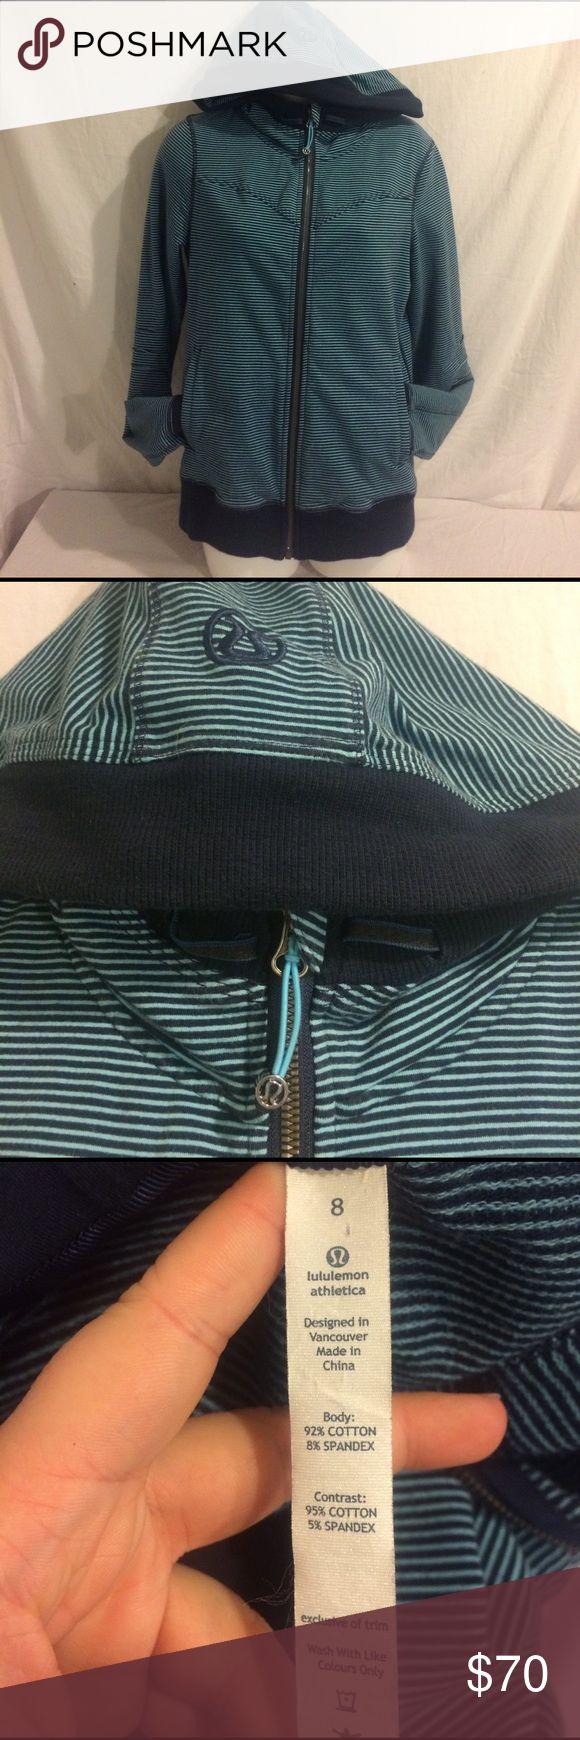 Lululemon Athletica Zip Up Hoodie Authentic, pre-loved Lululemon blue striped zip up hoodie.  Size: 8  Condition: Great lululemon athletica Tops Sweatshirts & Hoodies